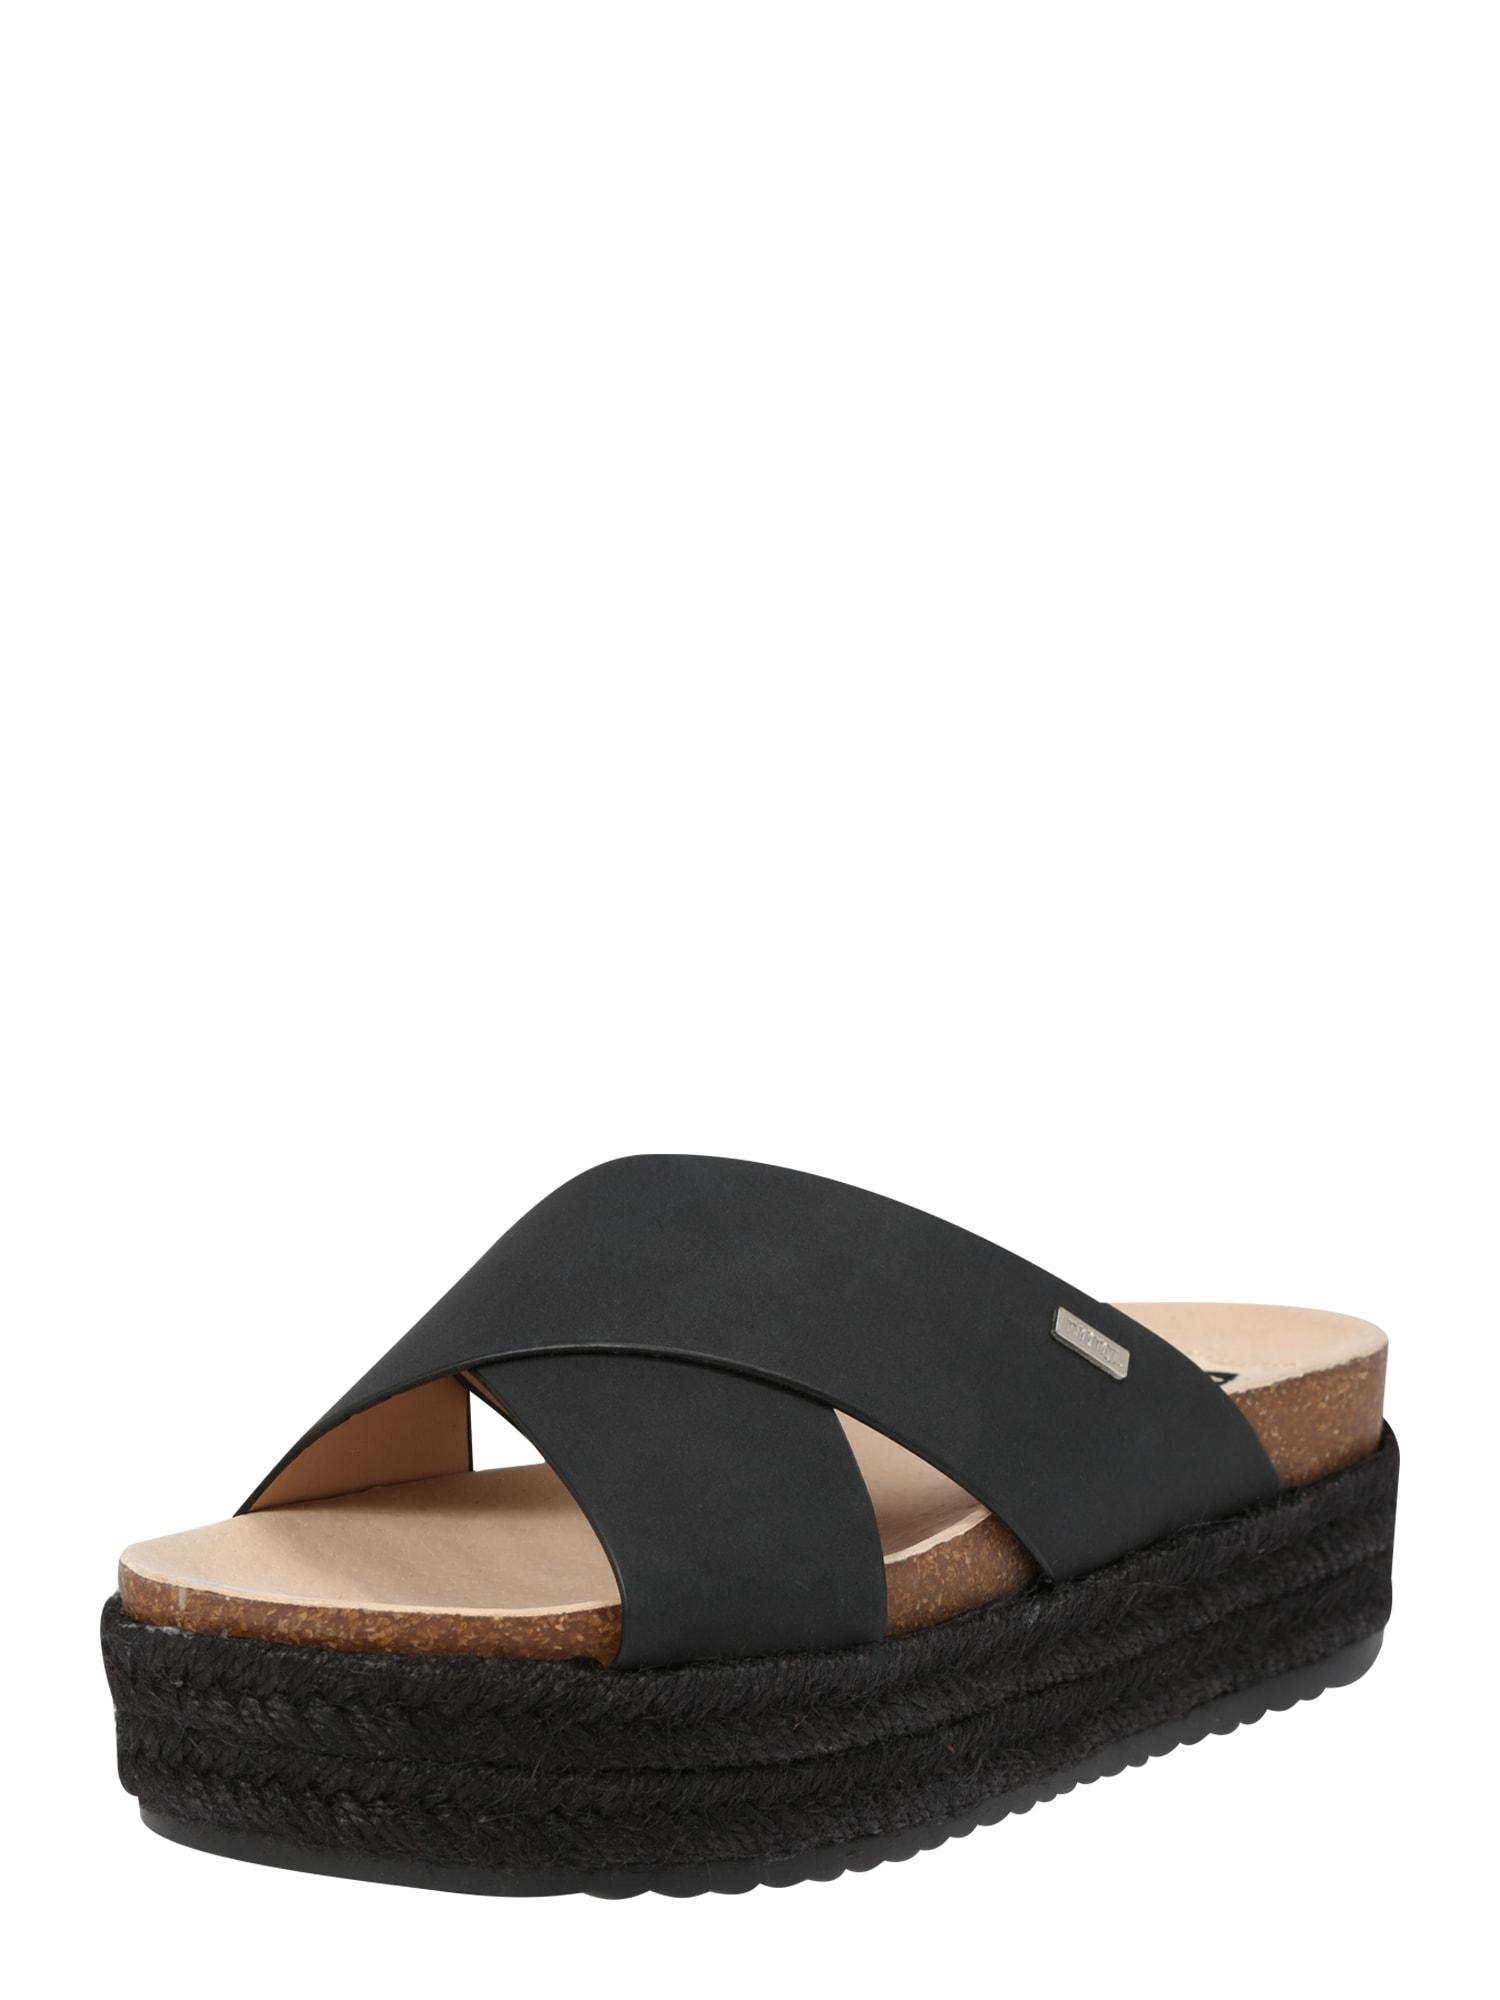 Páskové sandály PERLA černá MTNG